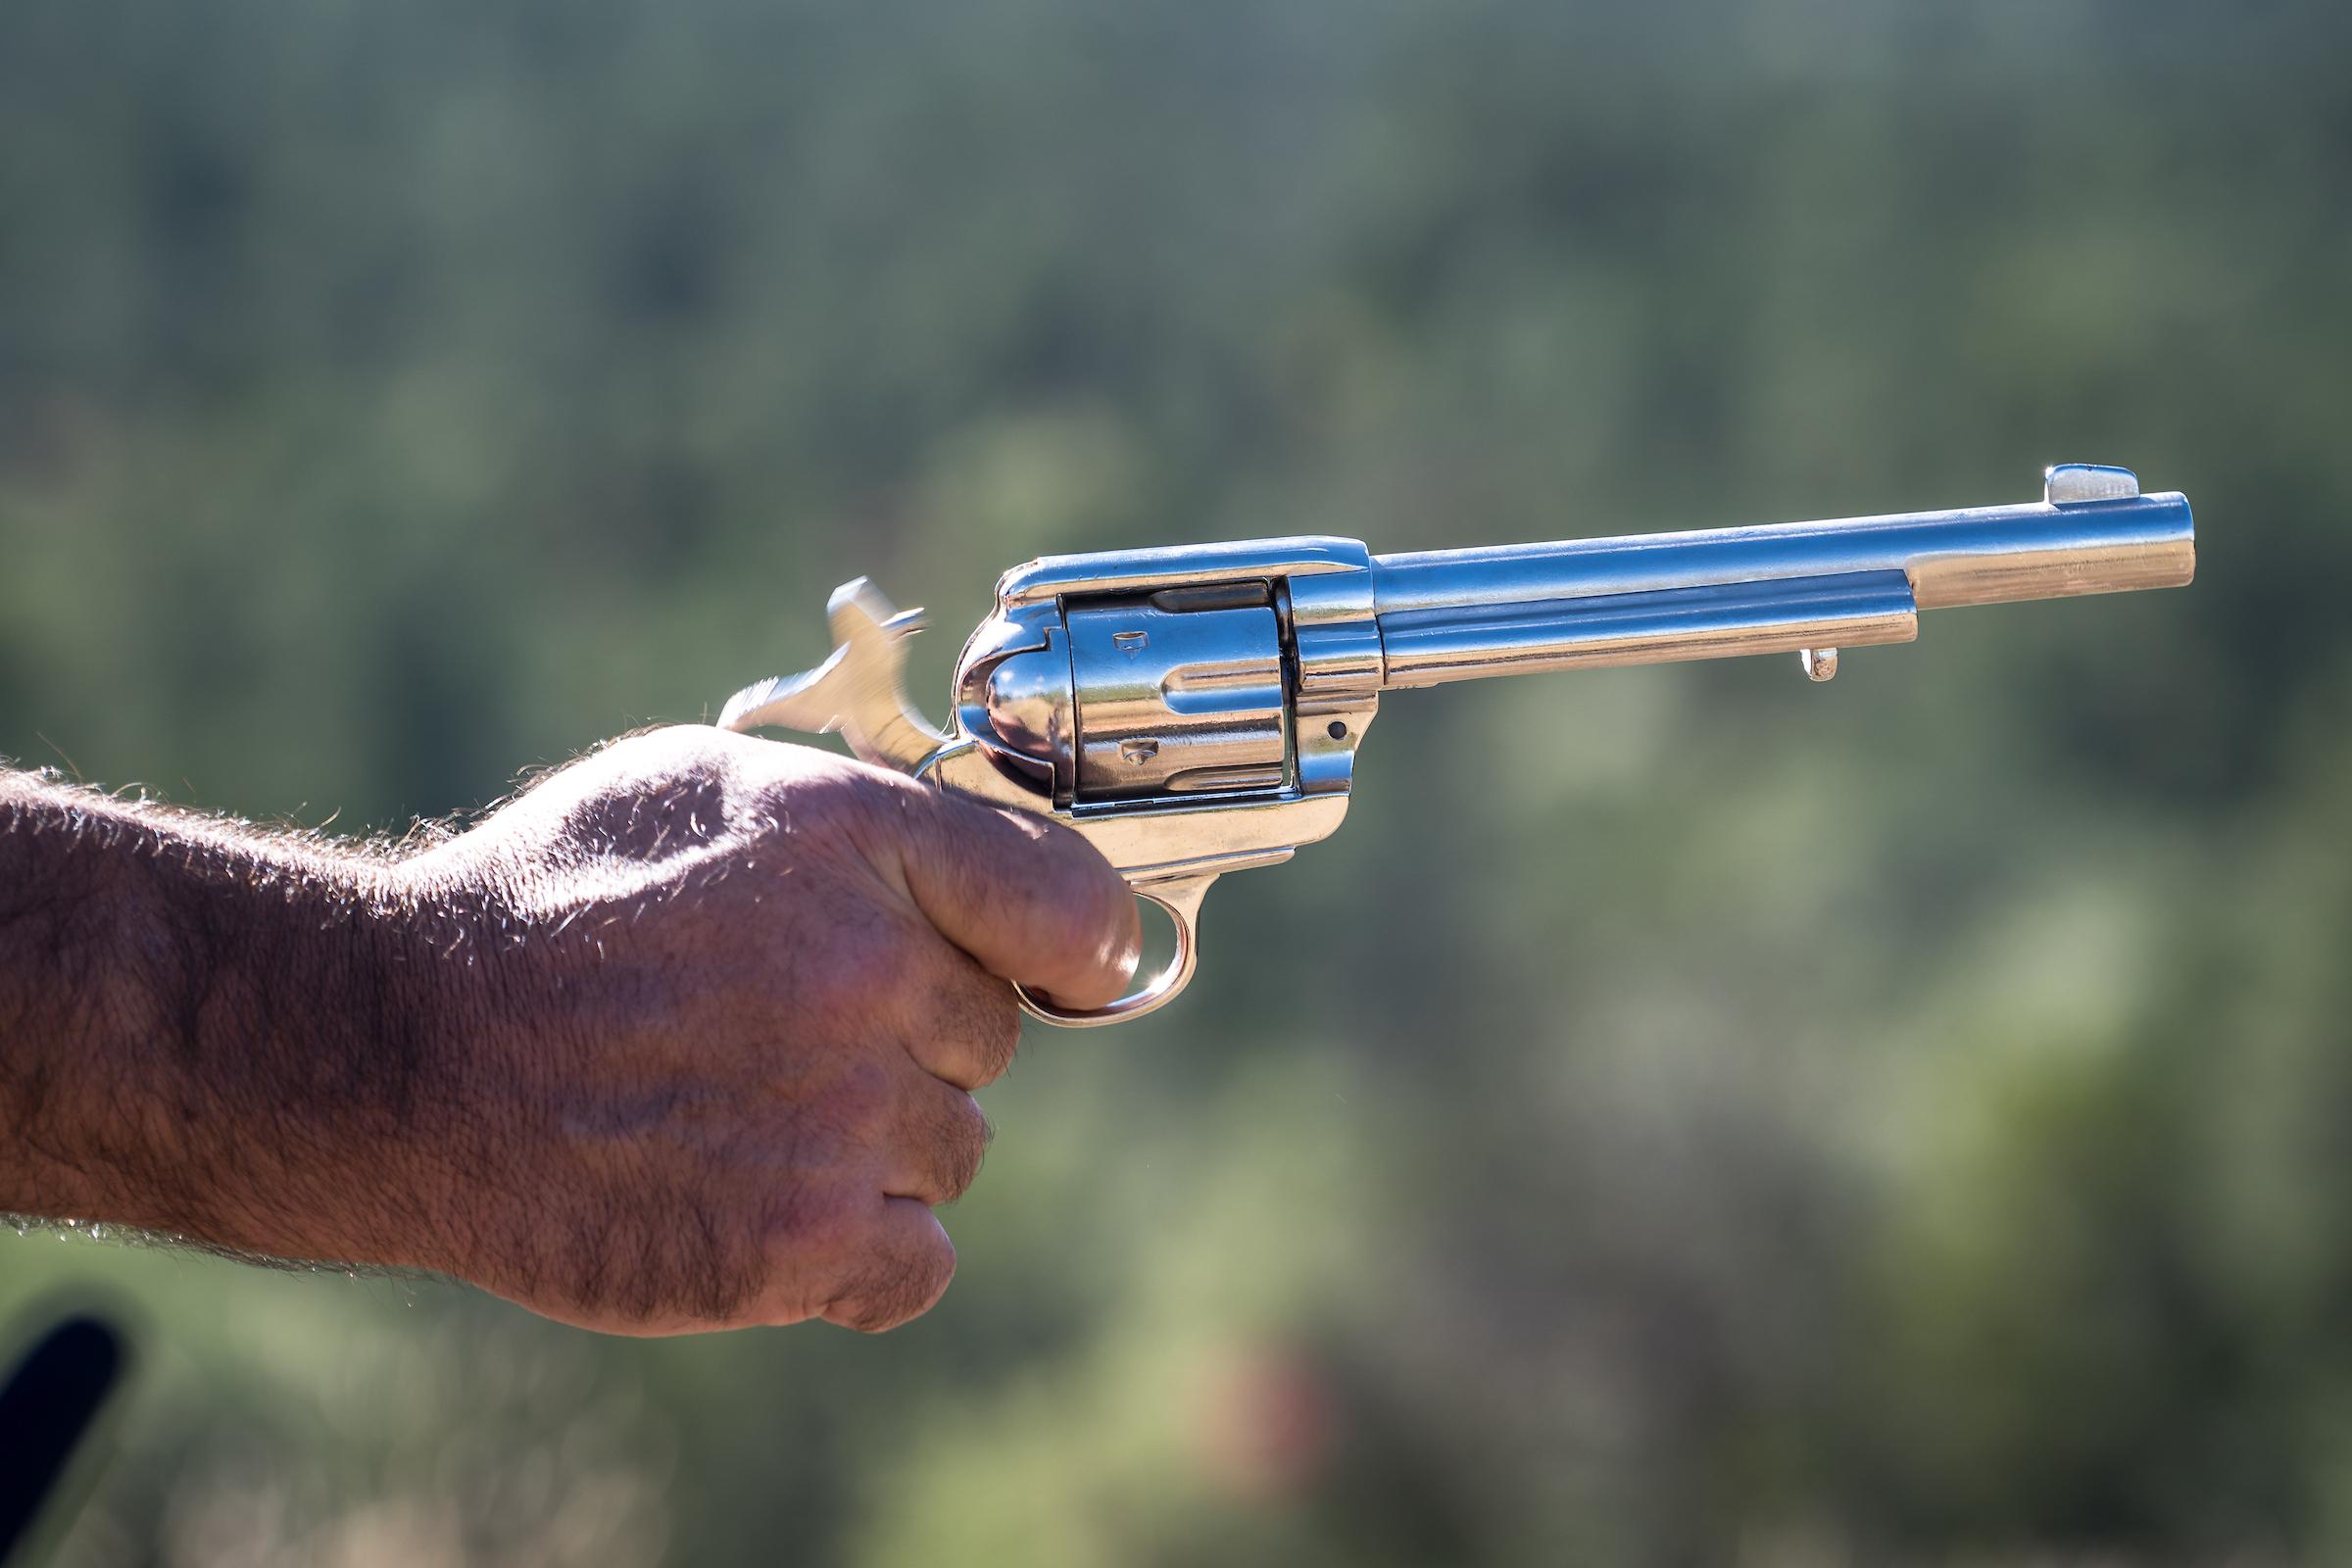 hand holding colt revolver